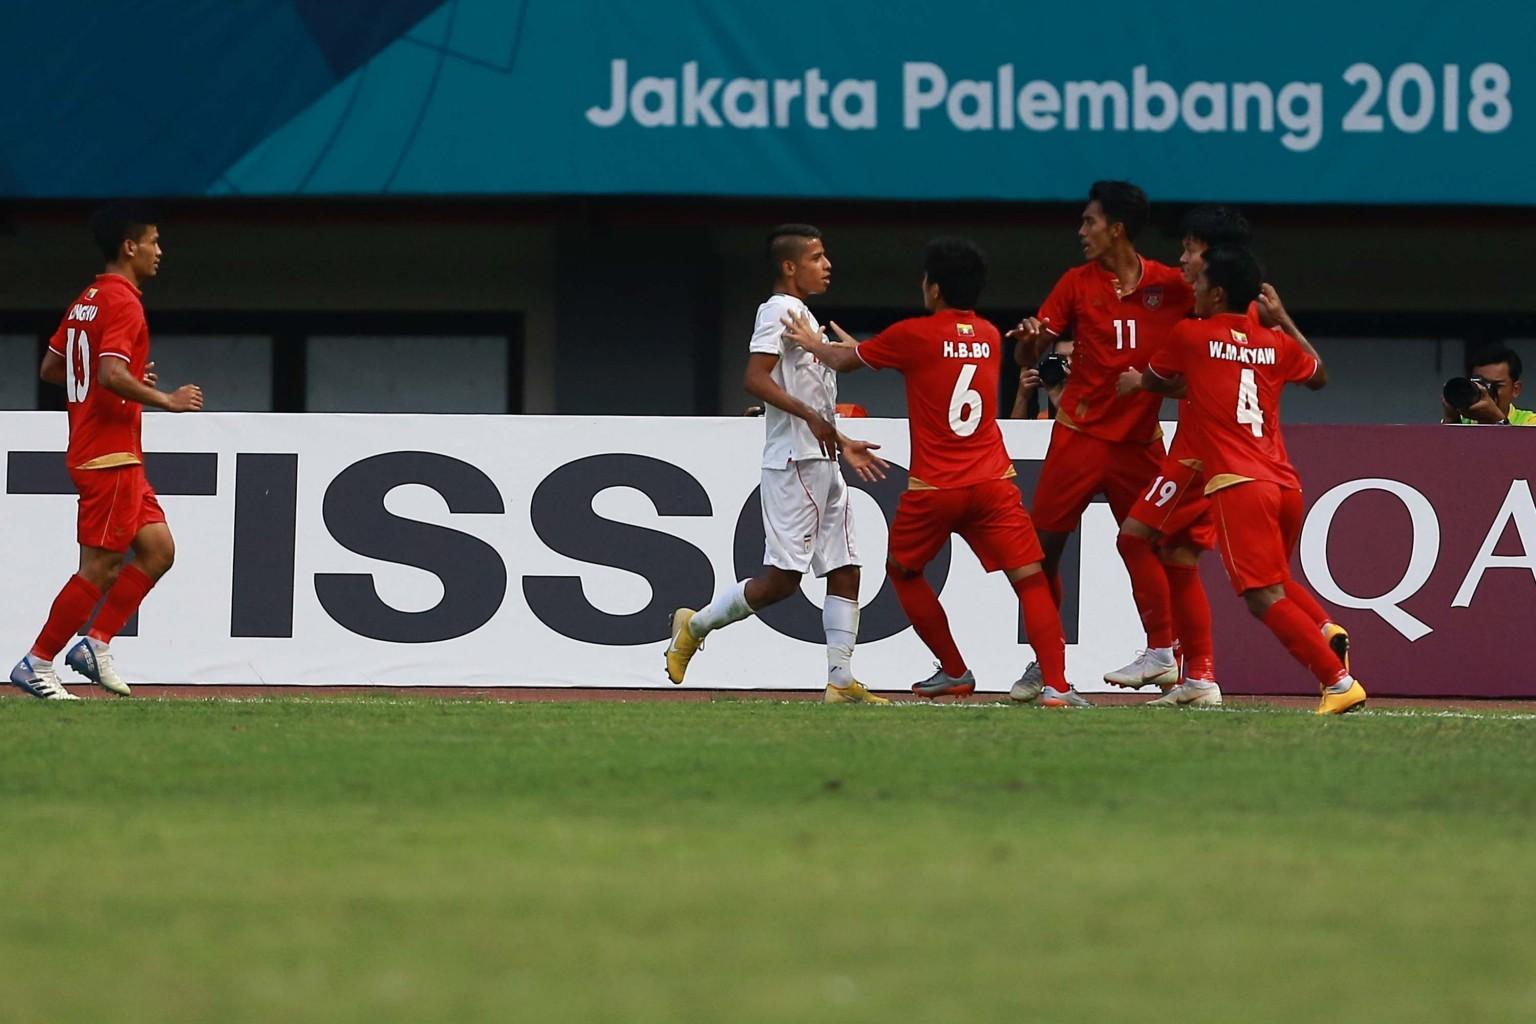 تیم ملی فوتبال امید ایران در بازی های آسیایی